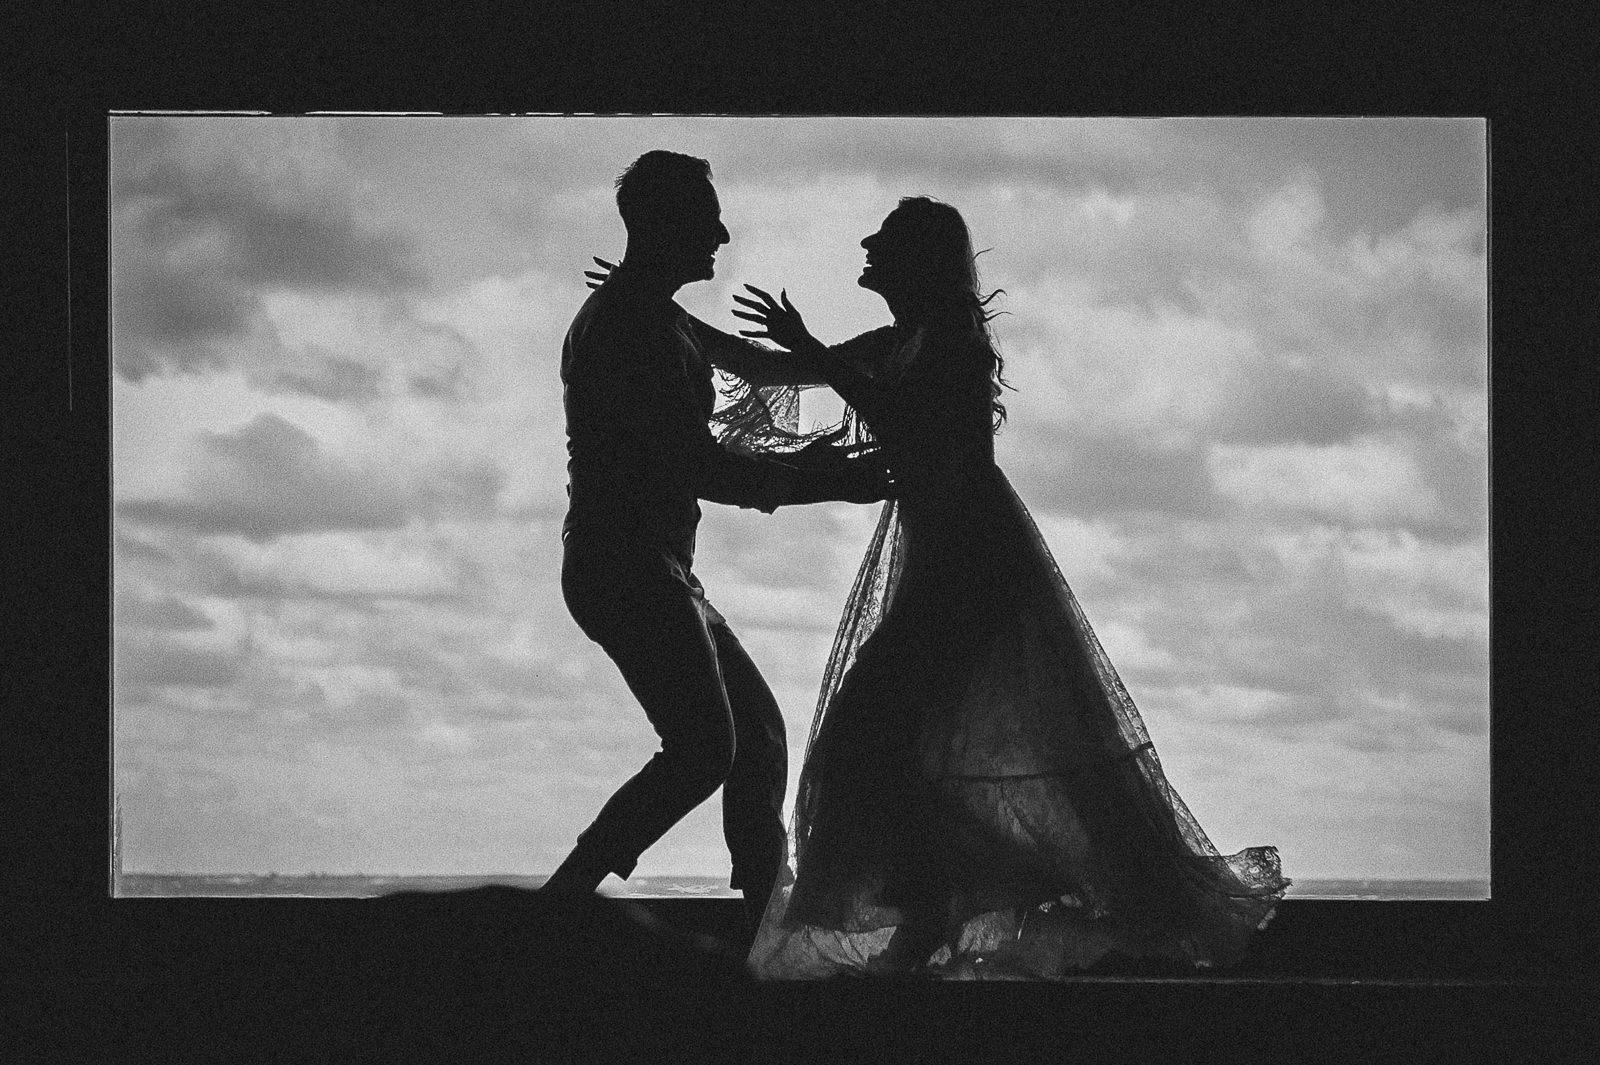 wprowadzenie ruchu i fotografowanie w trybie seryjnym sprawi, że fotografie ślubne zyskają na dynamice wyrazu